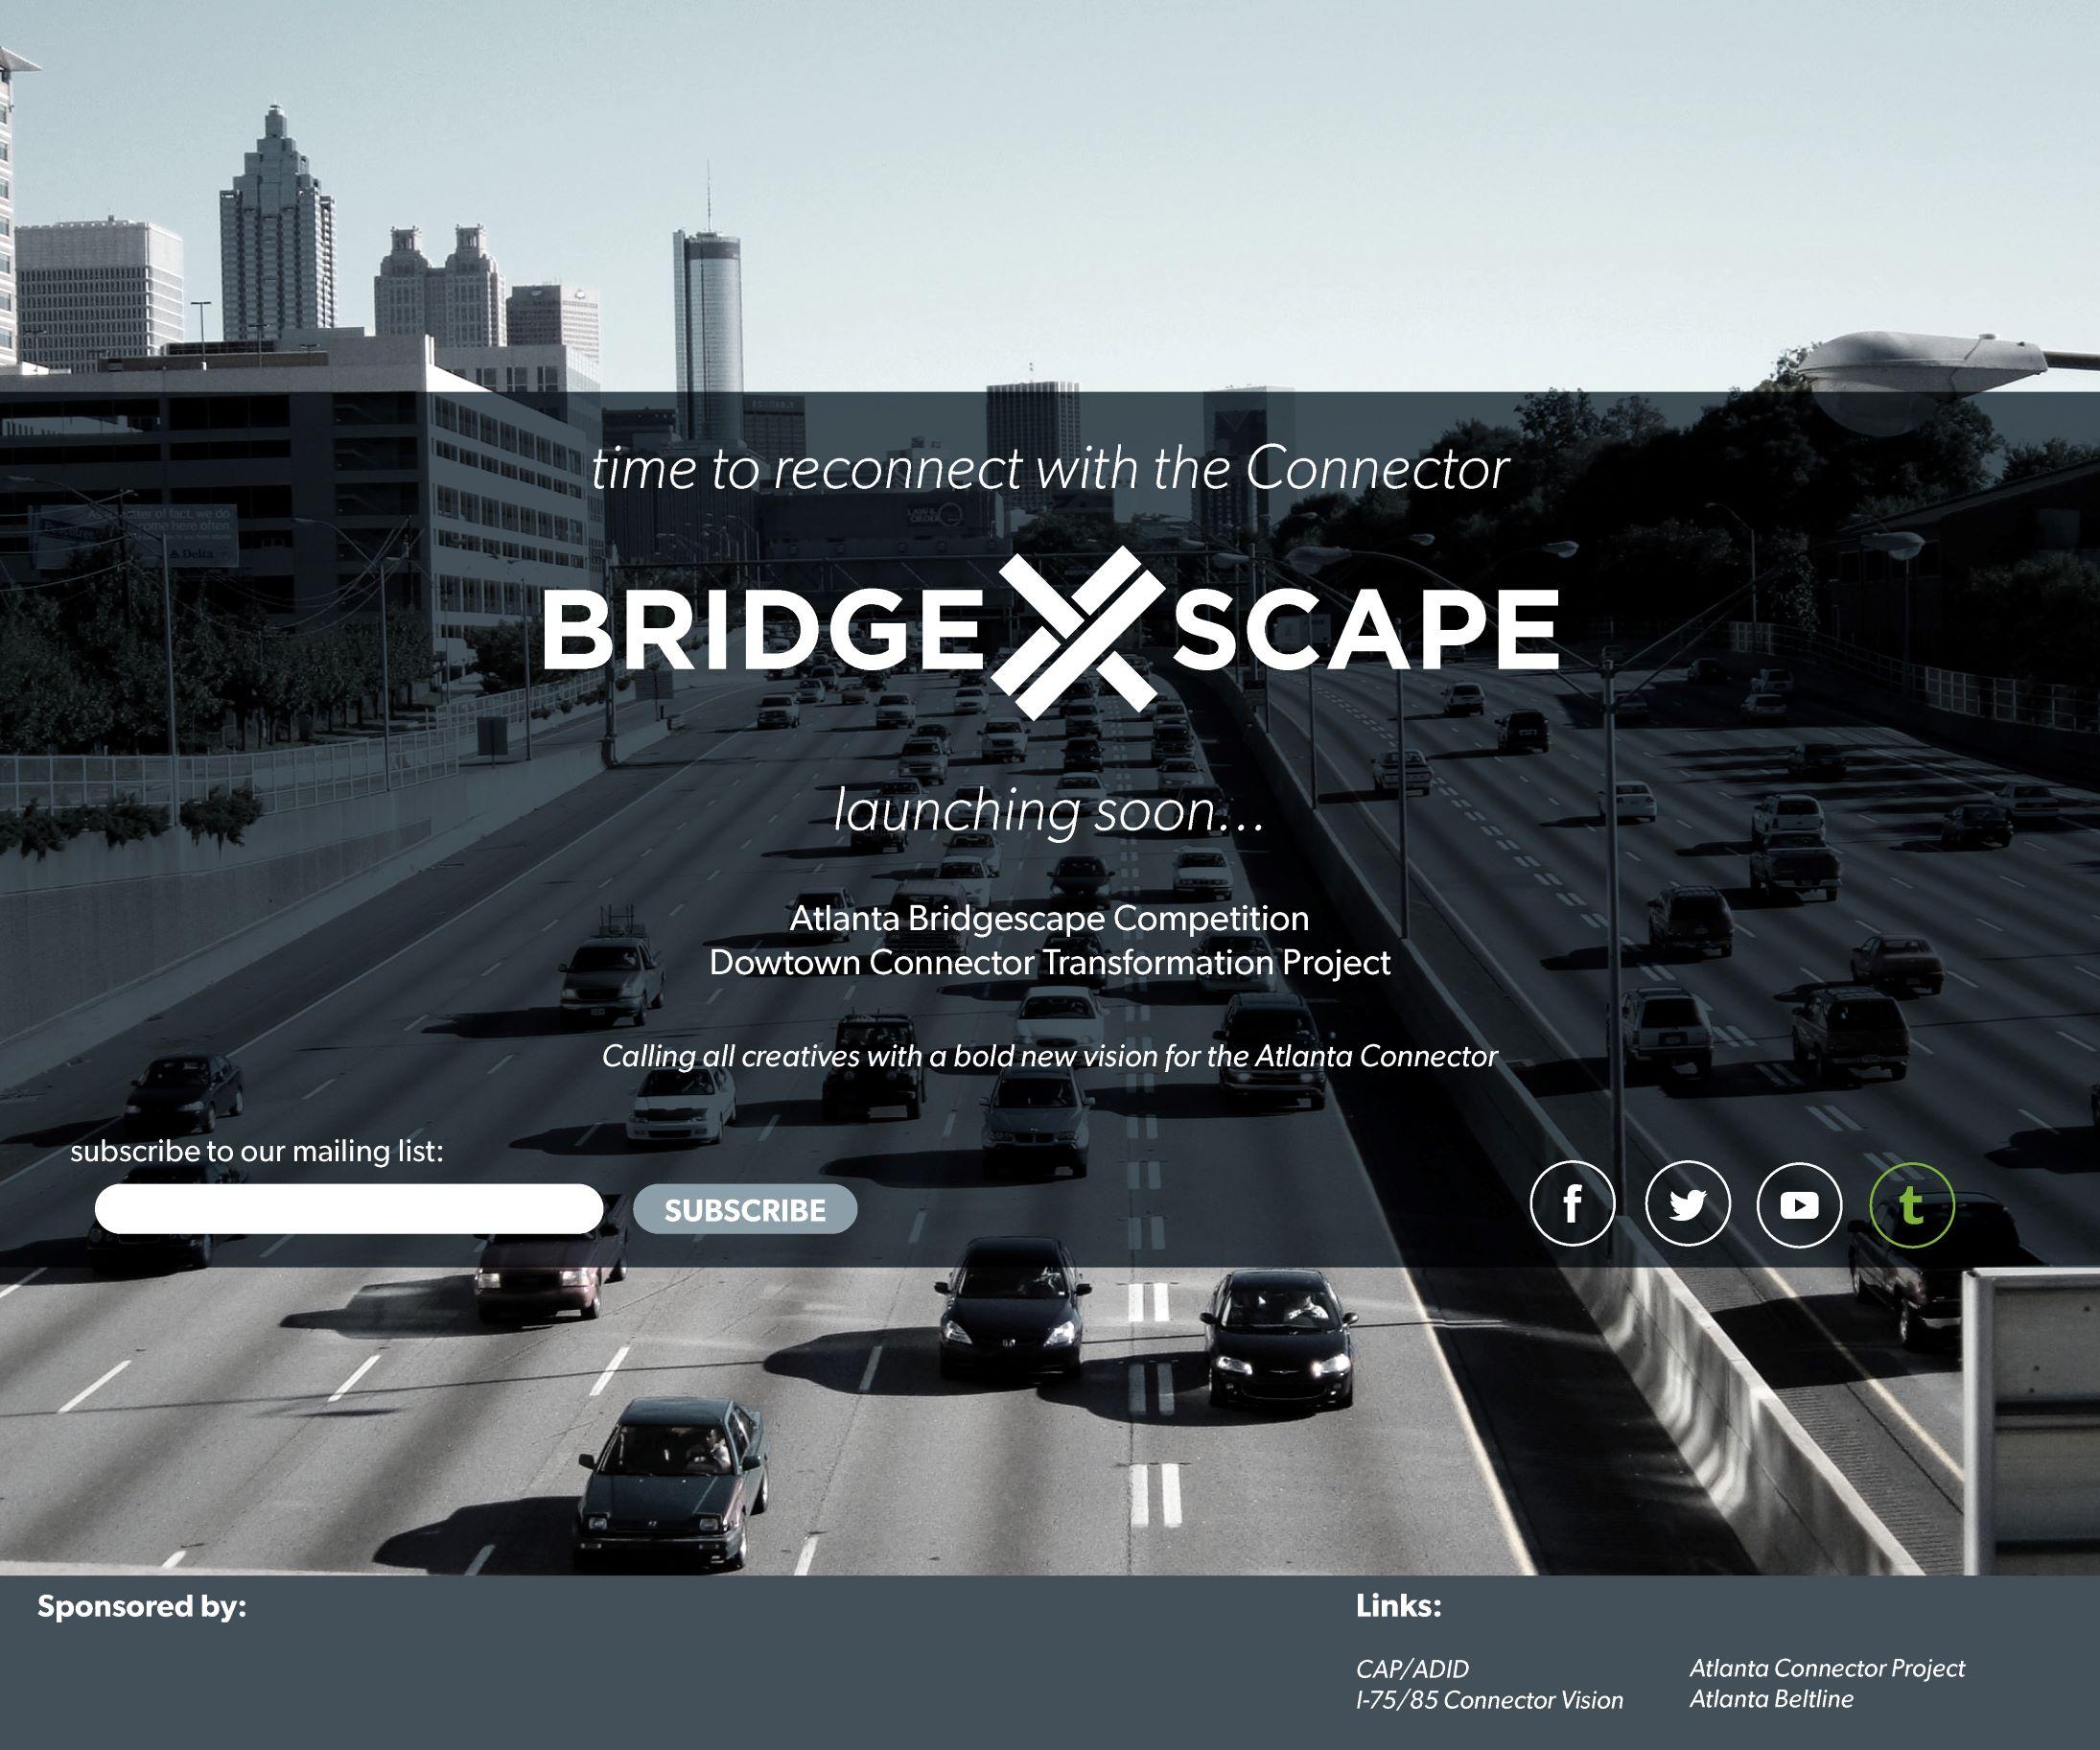 bridgescape landing page mockup